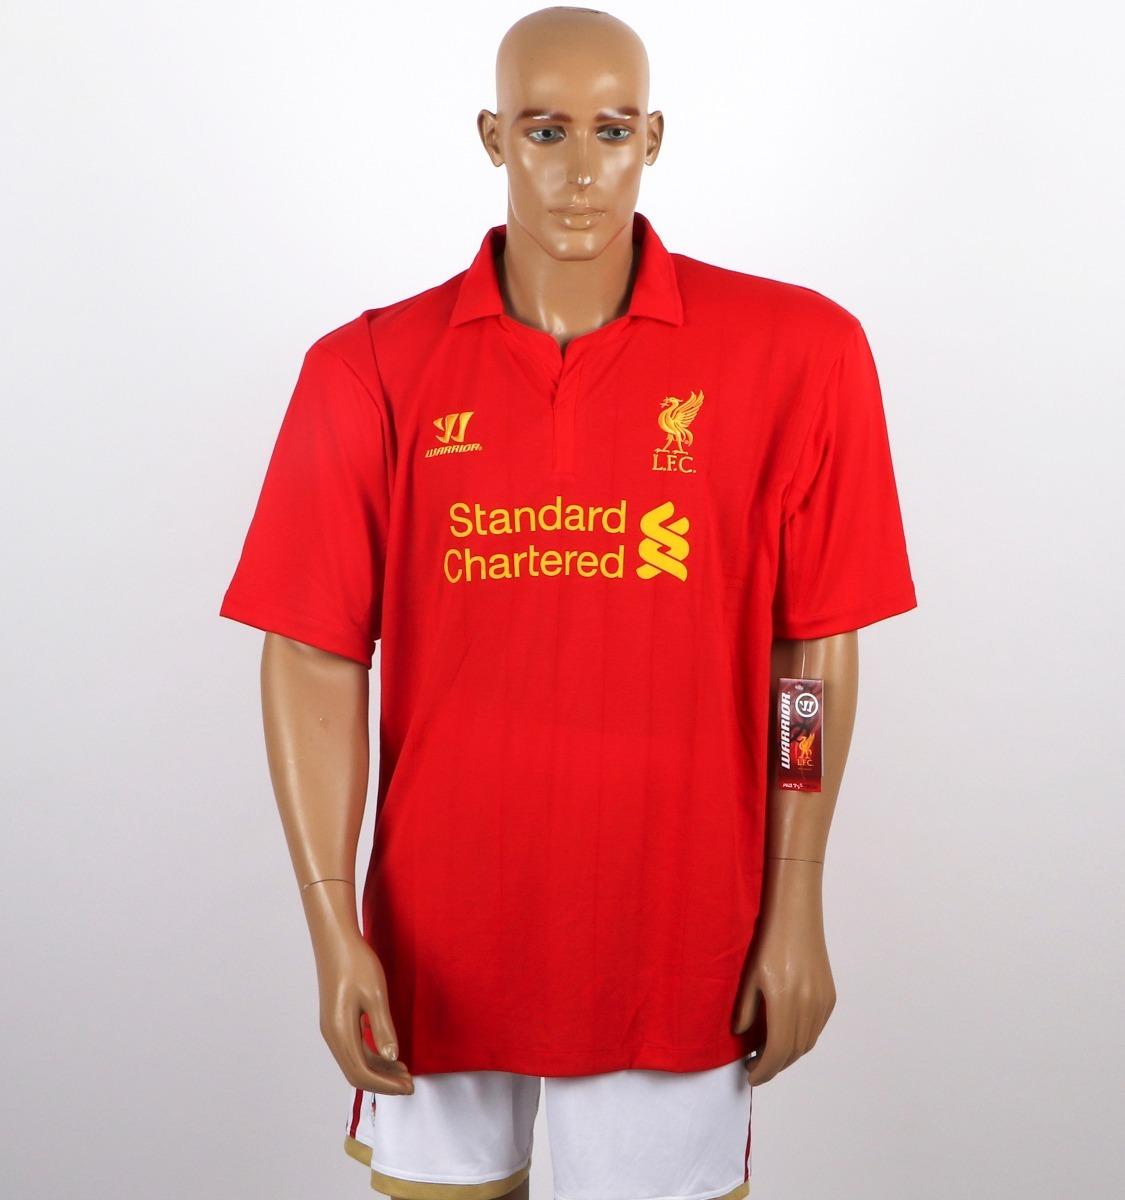 camisa liverpool original warrior vermelha - inglaterra. Carregando zoom. 1e0b3fb057946